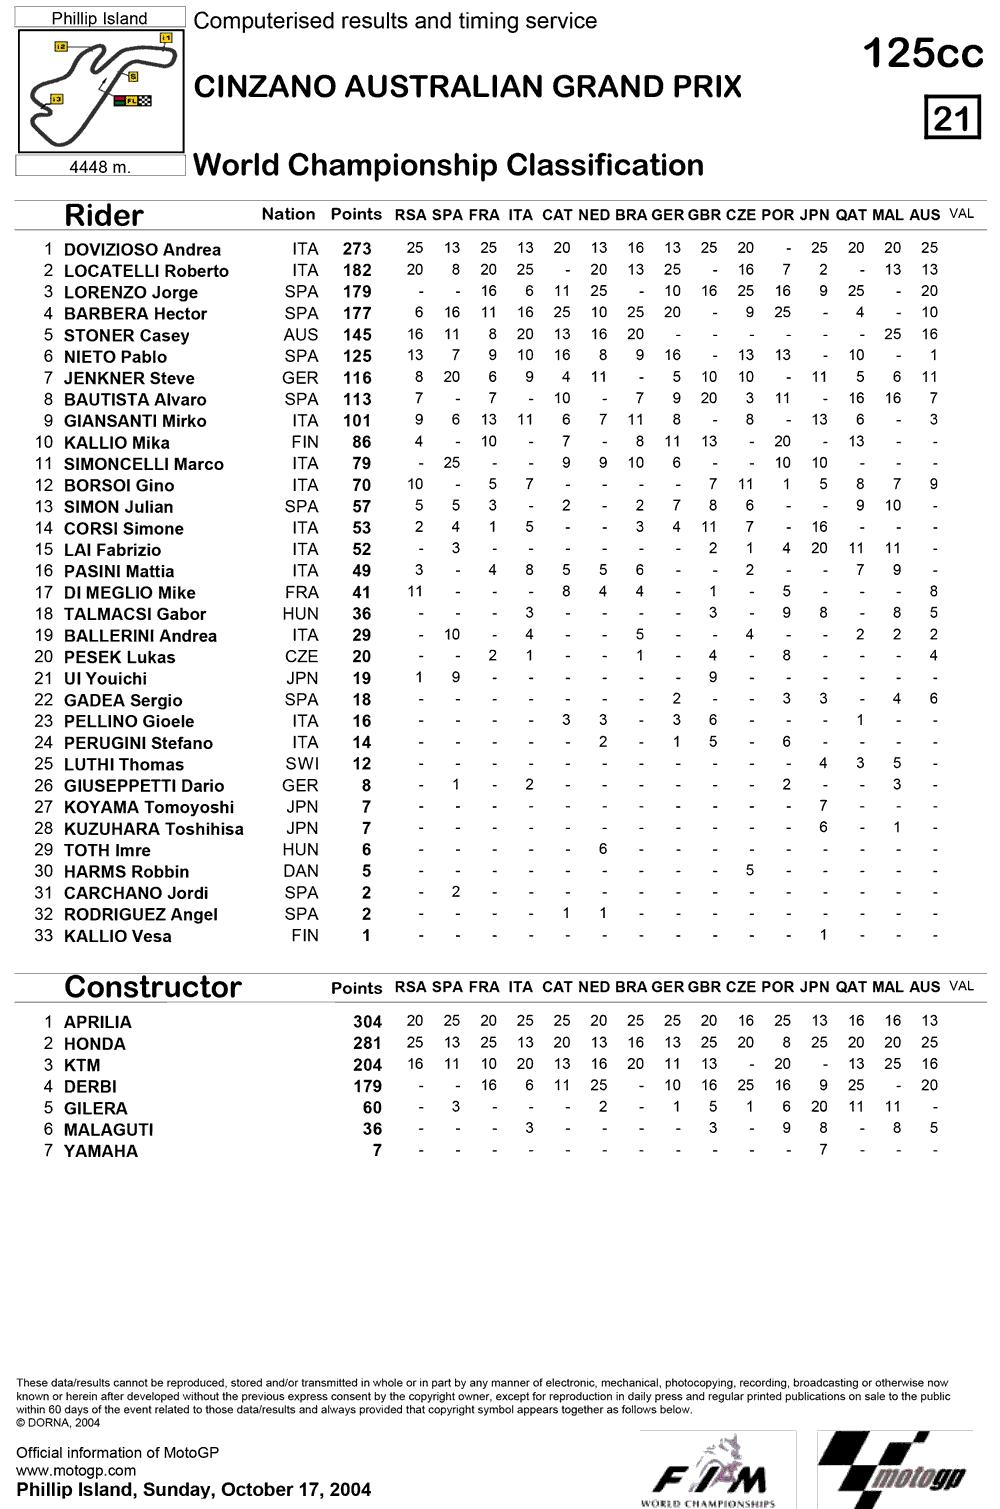 Позиции в чемпионате после пятнадцатой гонки 125cc Гран-При Австралии 2004